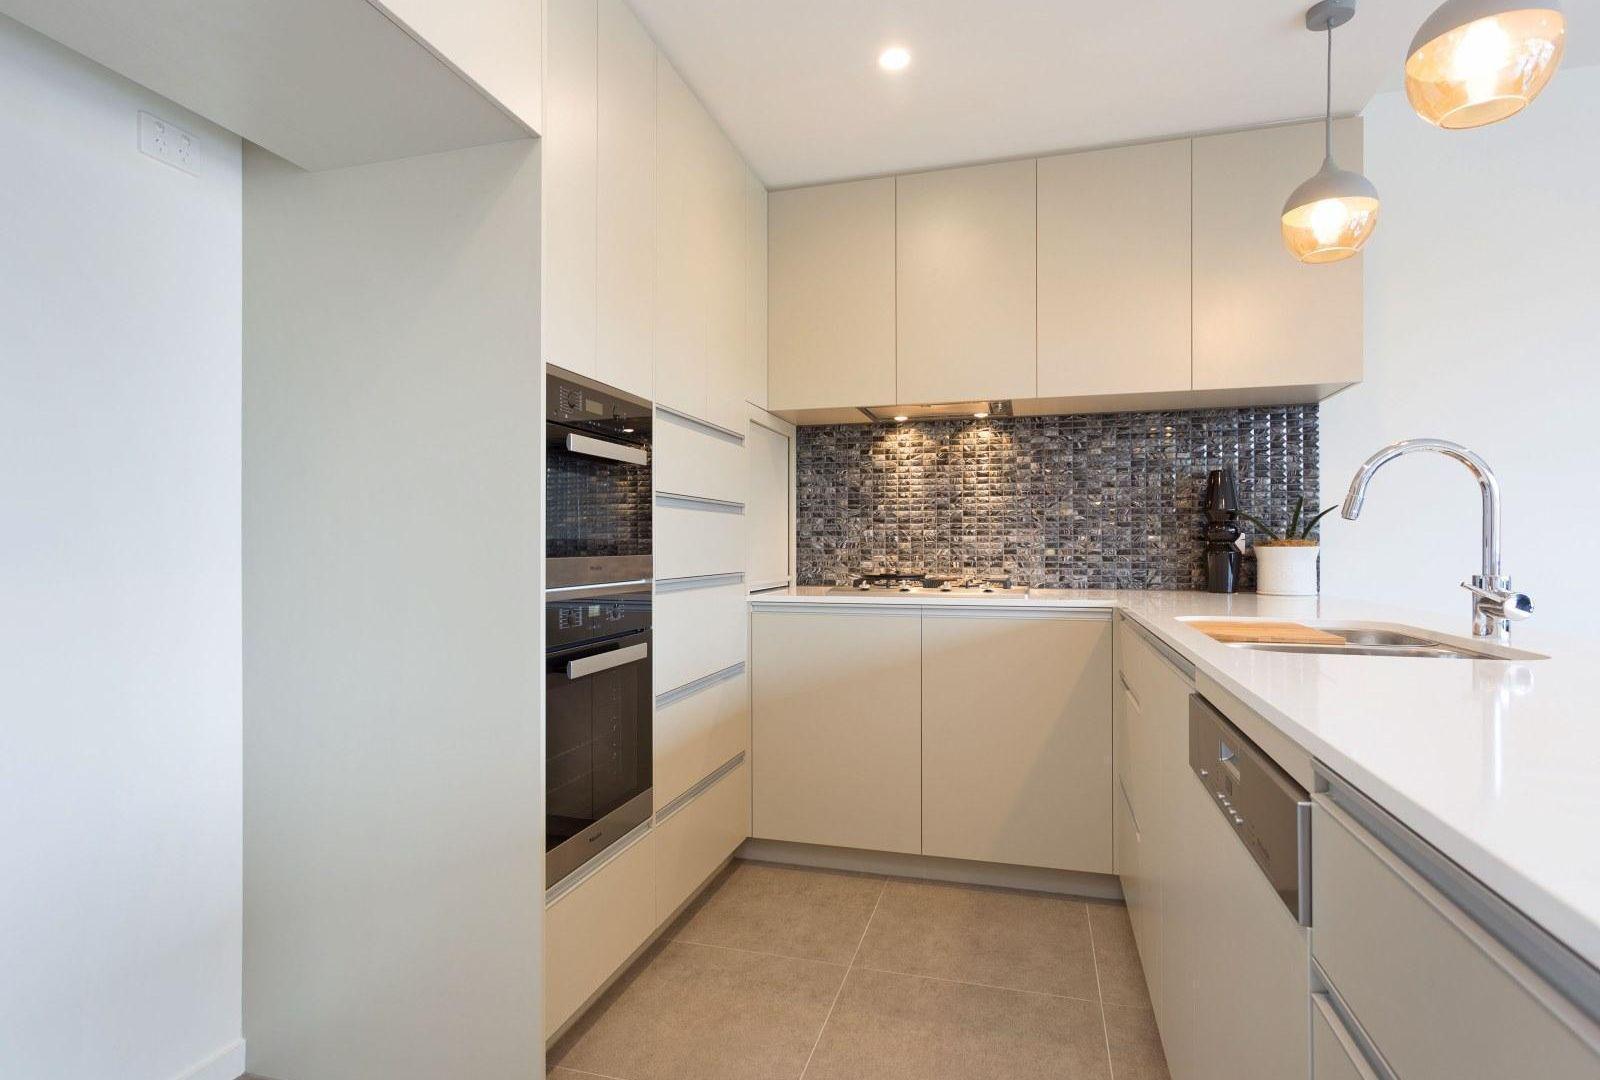 2/15 Simon Street, Yeronga QLD 4104, Image 1